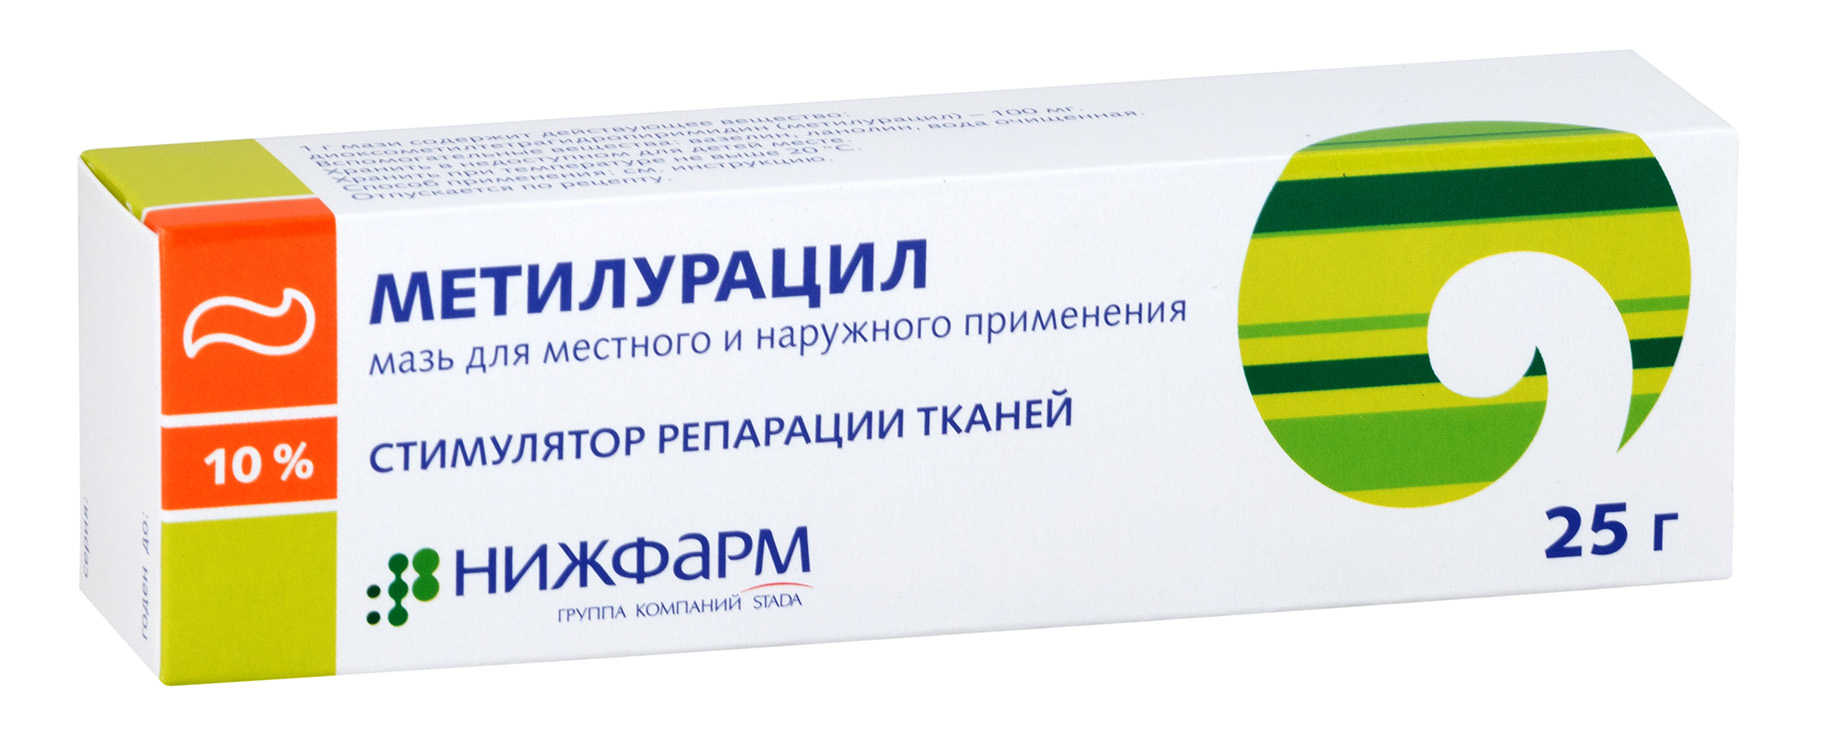 Метилурацил мазь 10% 25г №1 Нижфарм